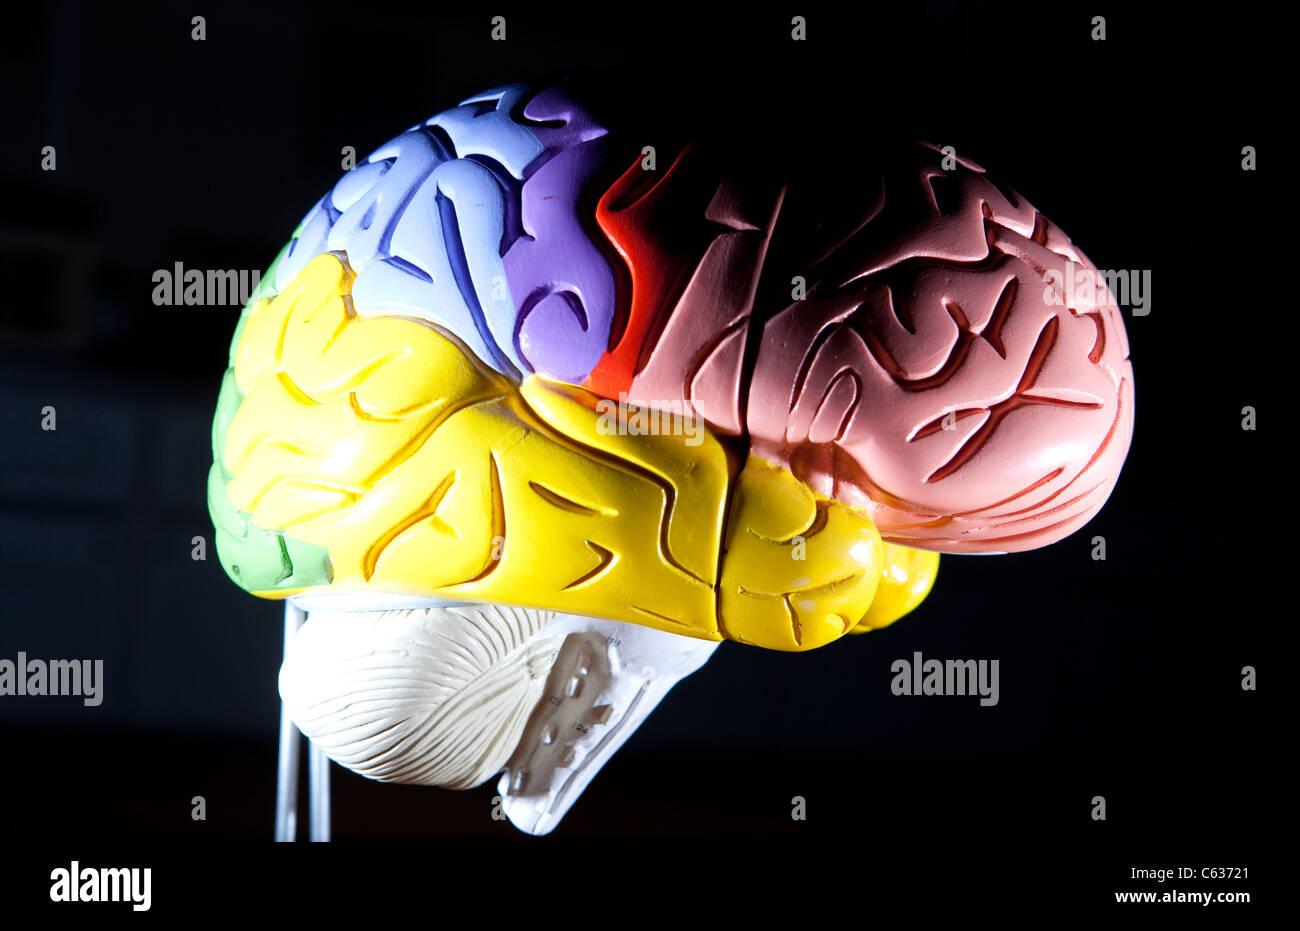 Ein Modell des menschlichen Gehirns - Lernhilfe für Studierende der ...